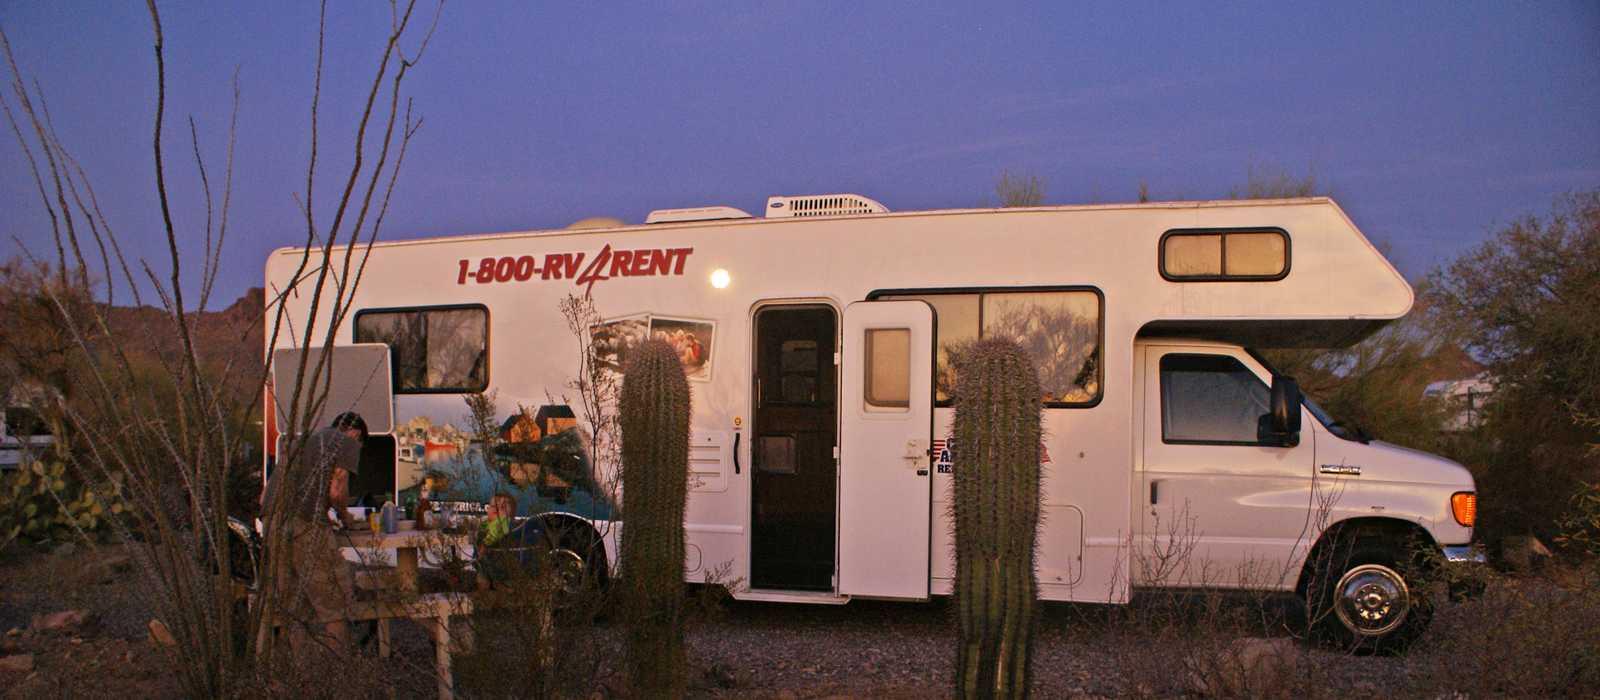 C30 auf dem Campground